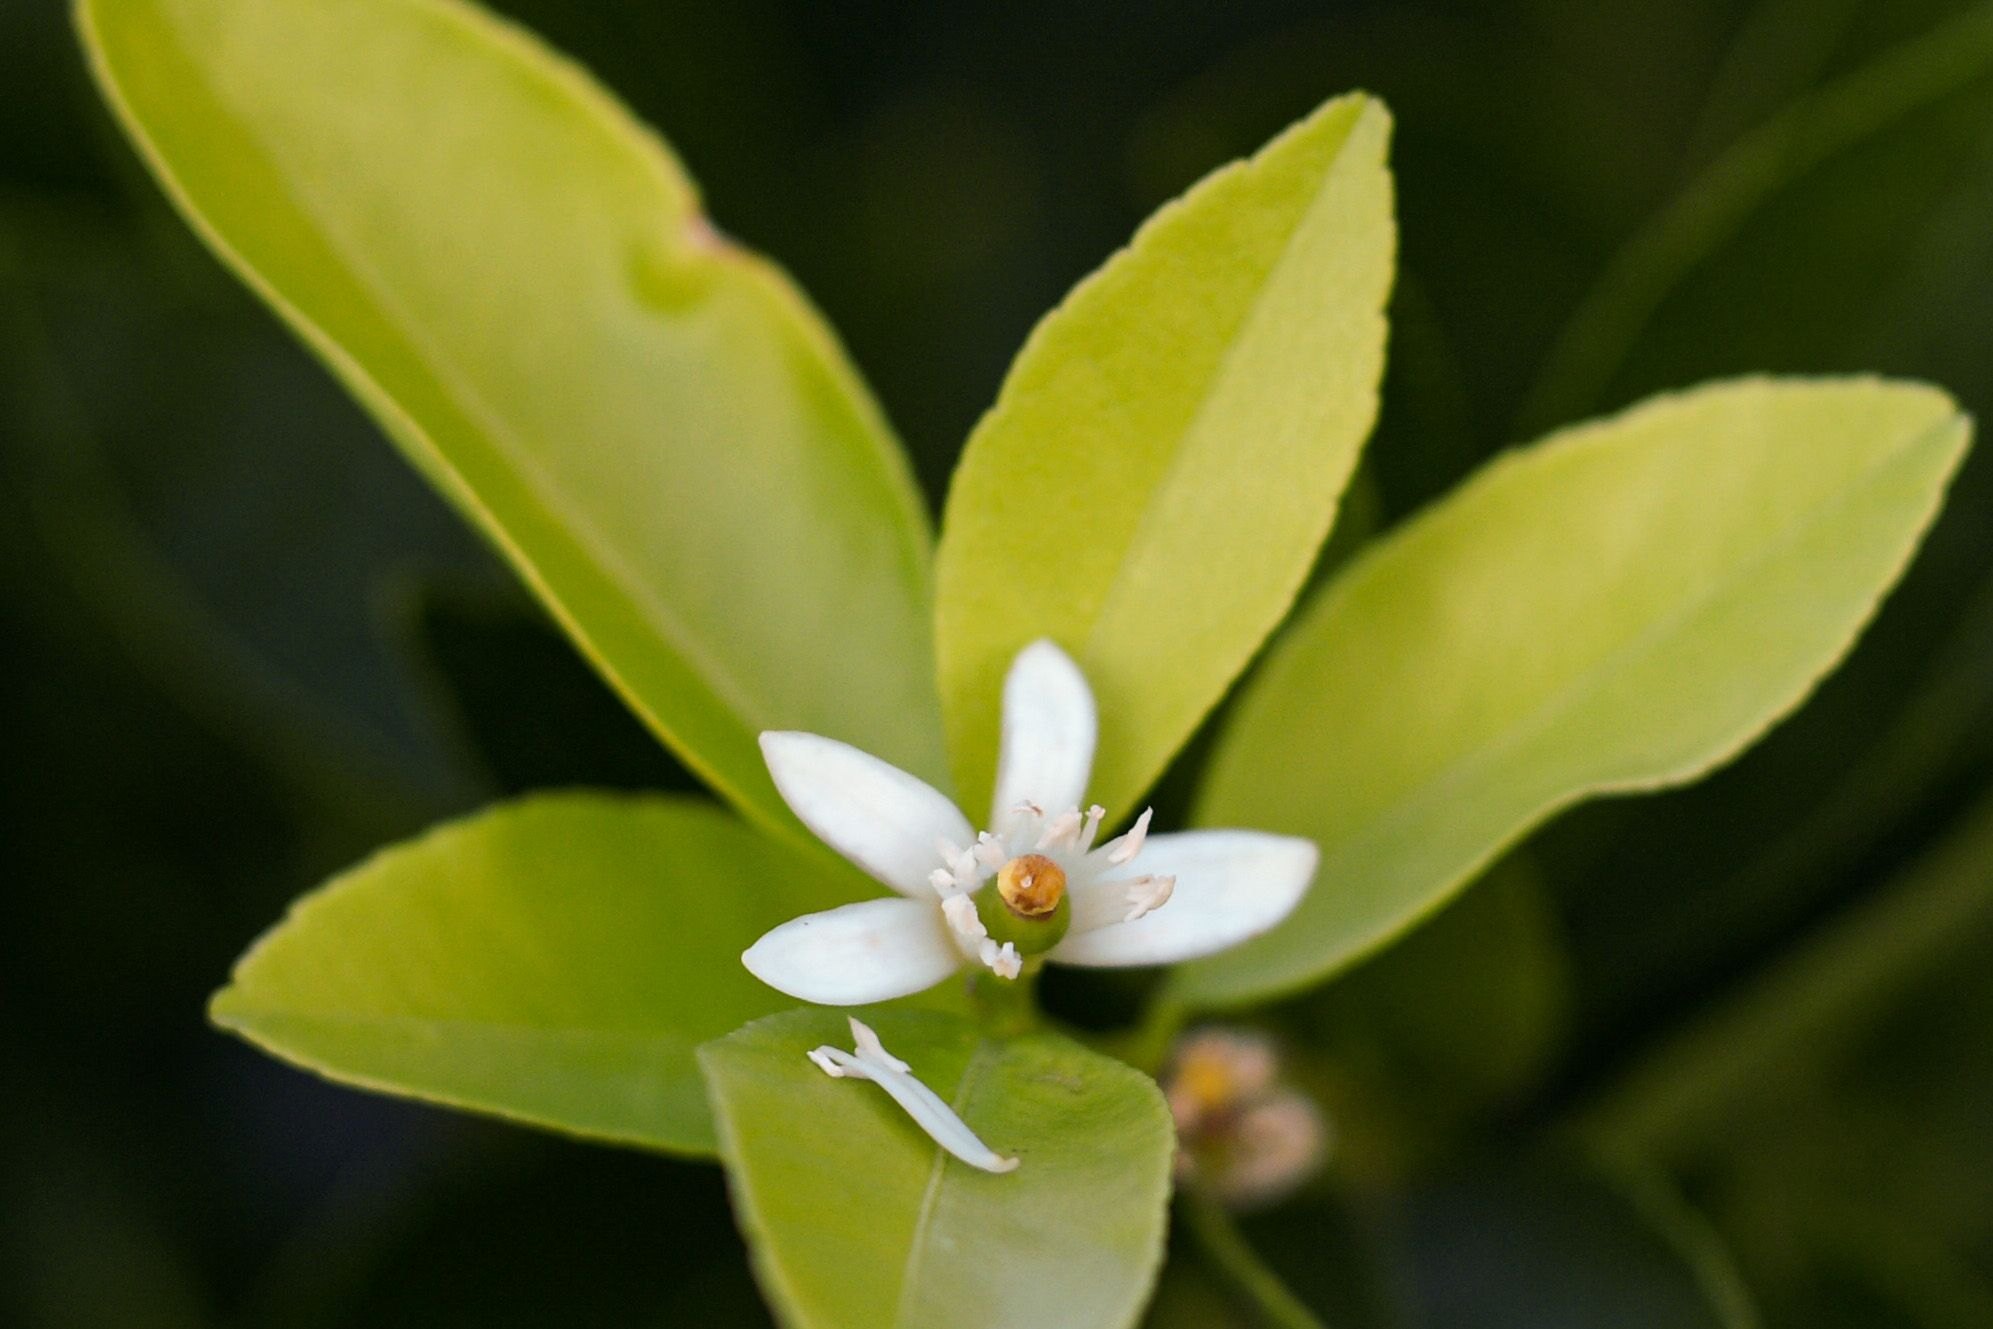 fleur etoilée de pamplemousse